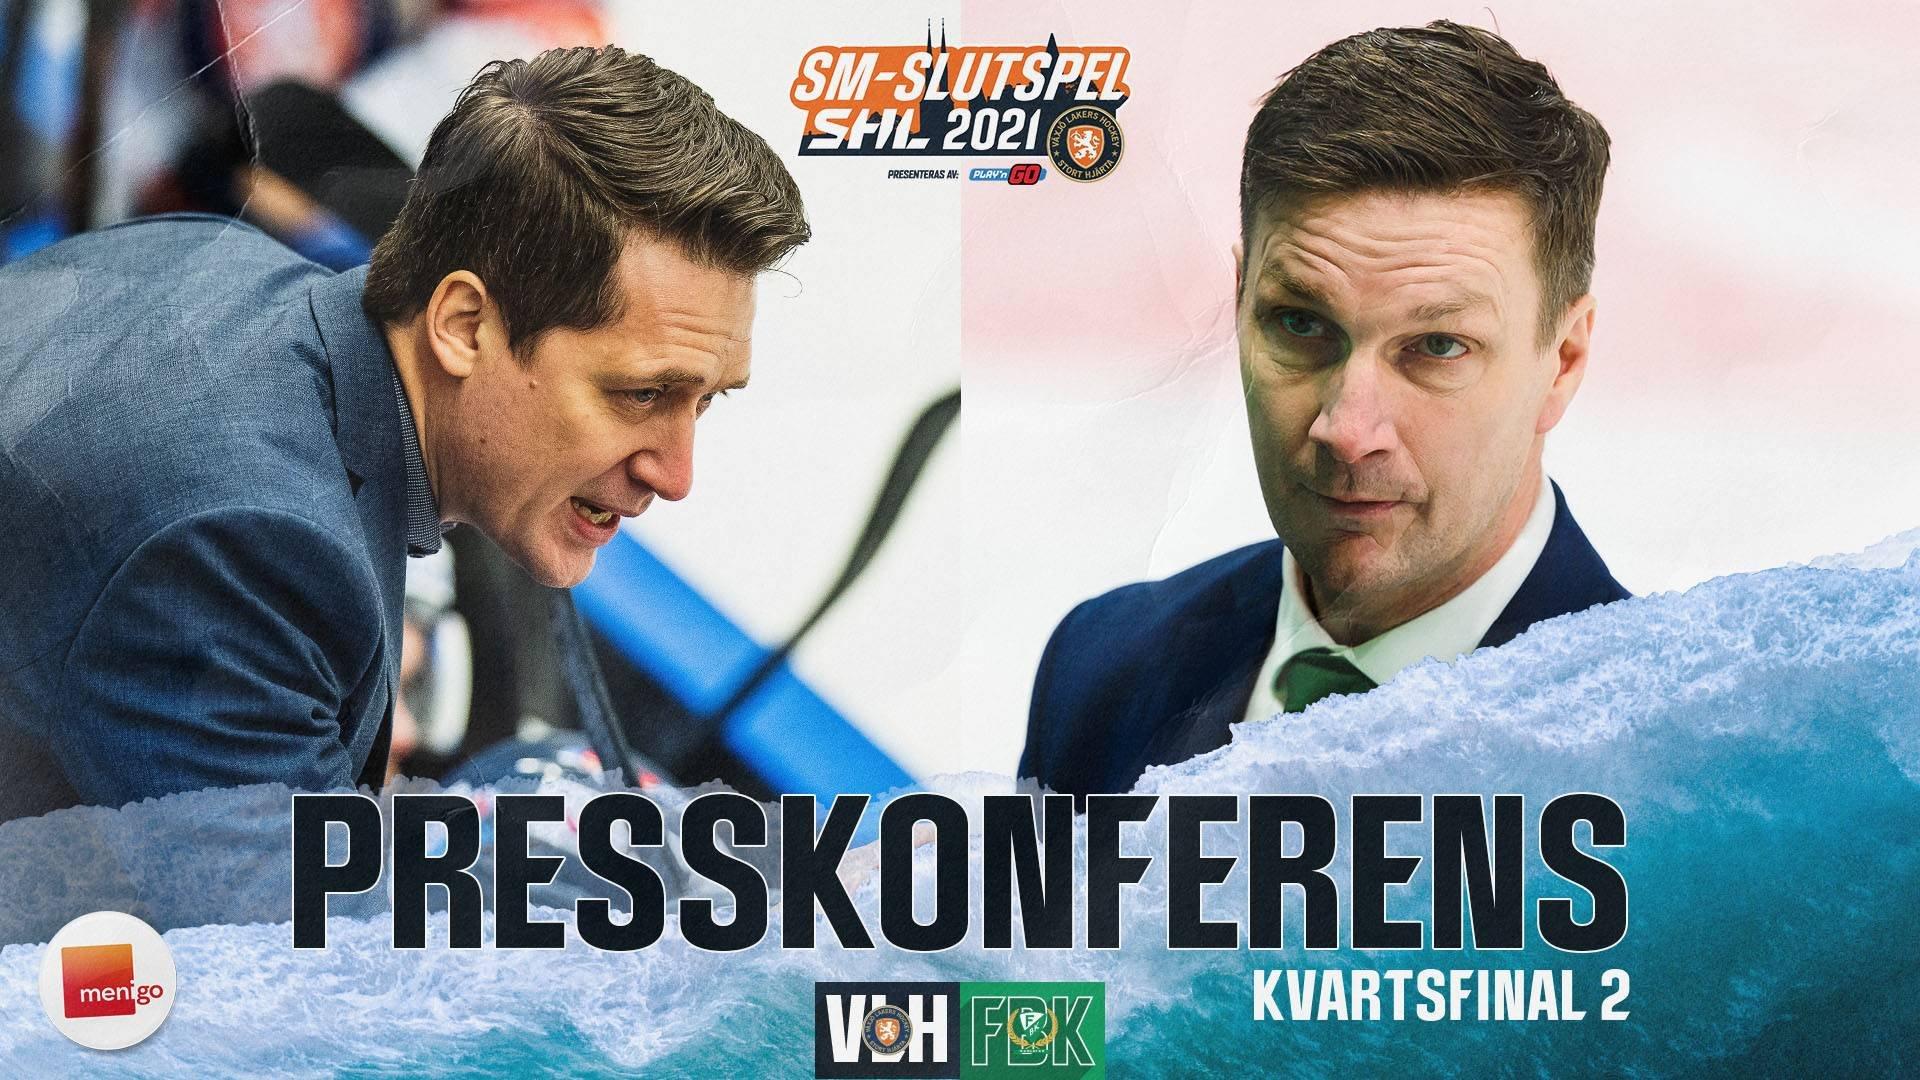 Presskonferens   Kvartsfinal 2